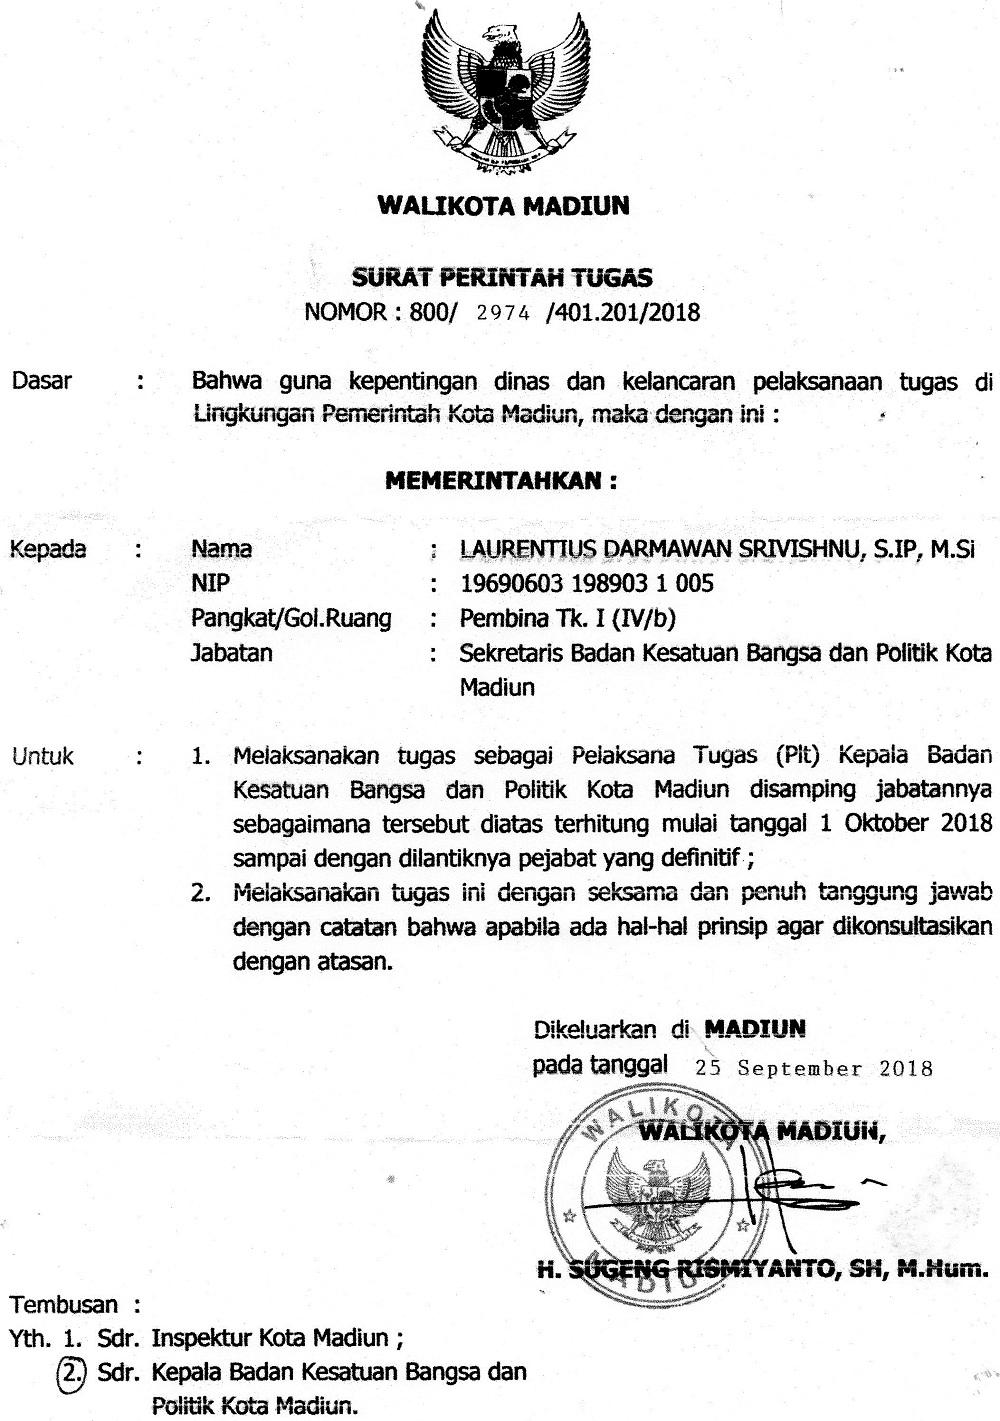 Surat Perintah Tugas Walikota Madiun Tentang Penunjukan Sekretaris